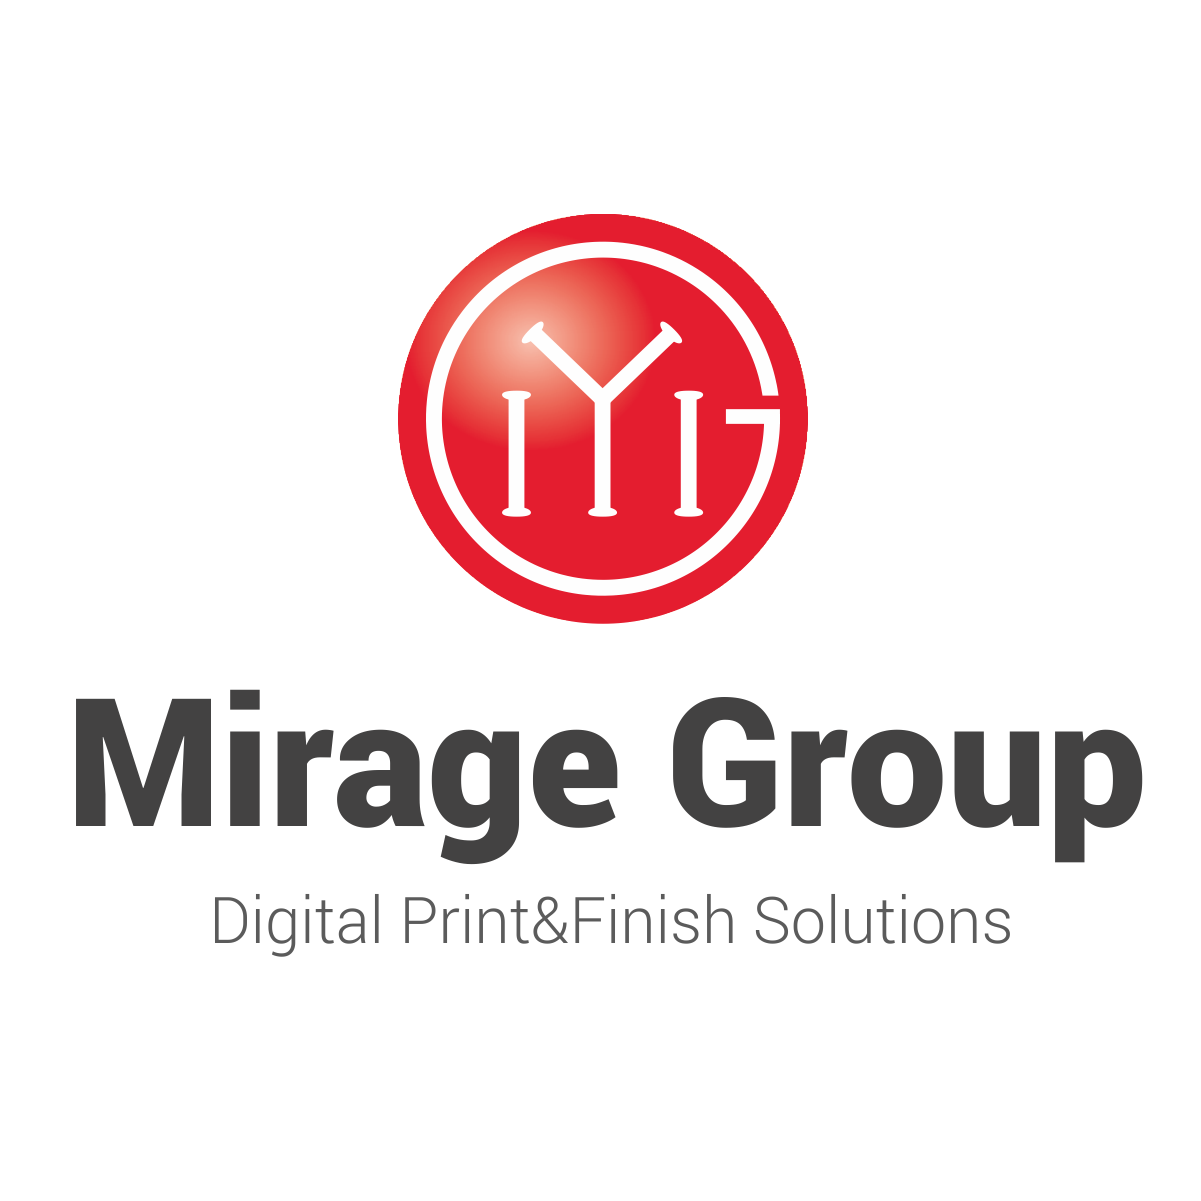 MirageGroup